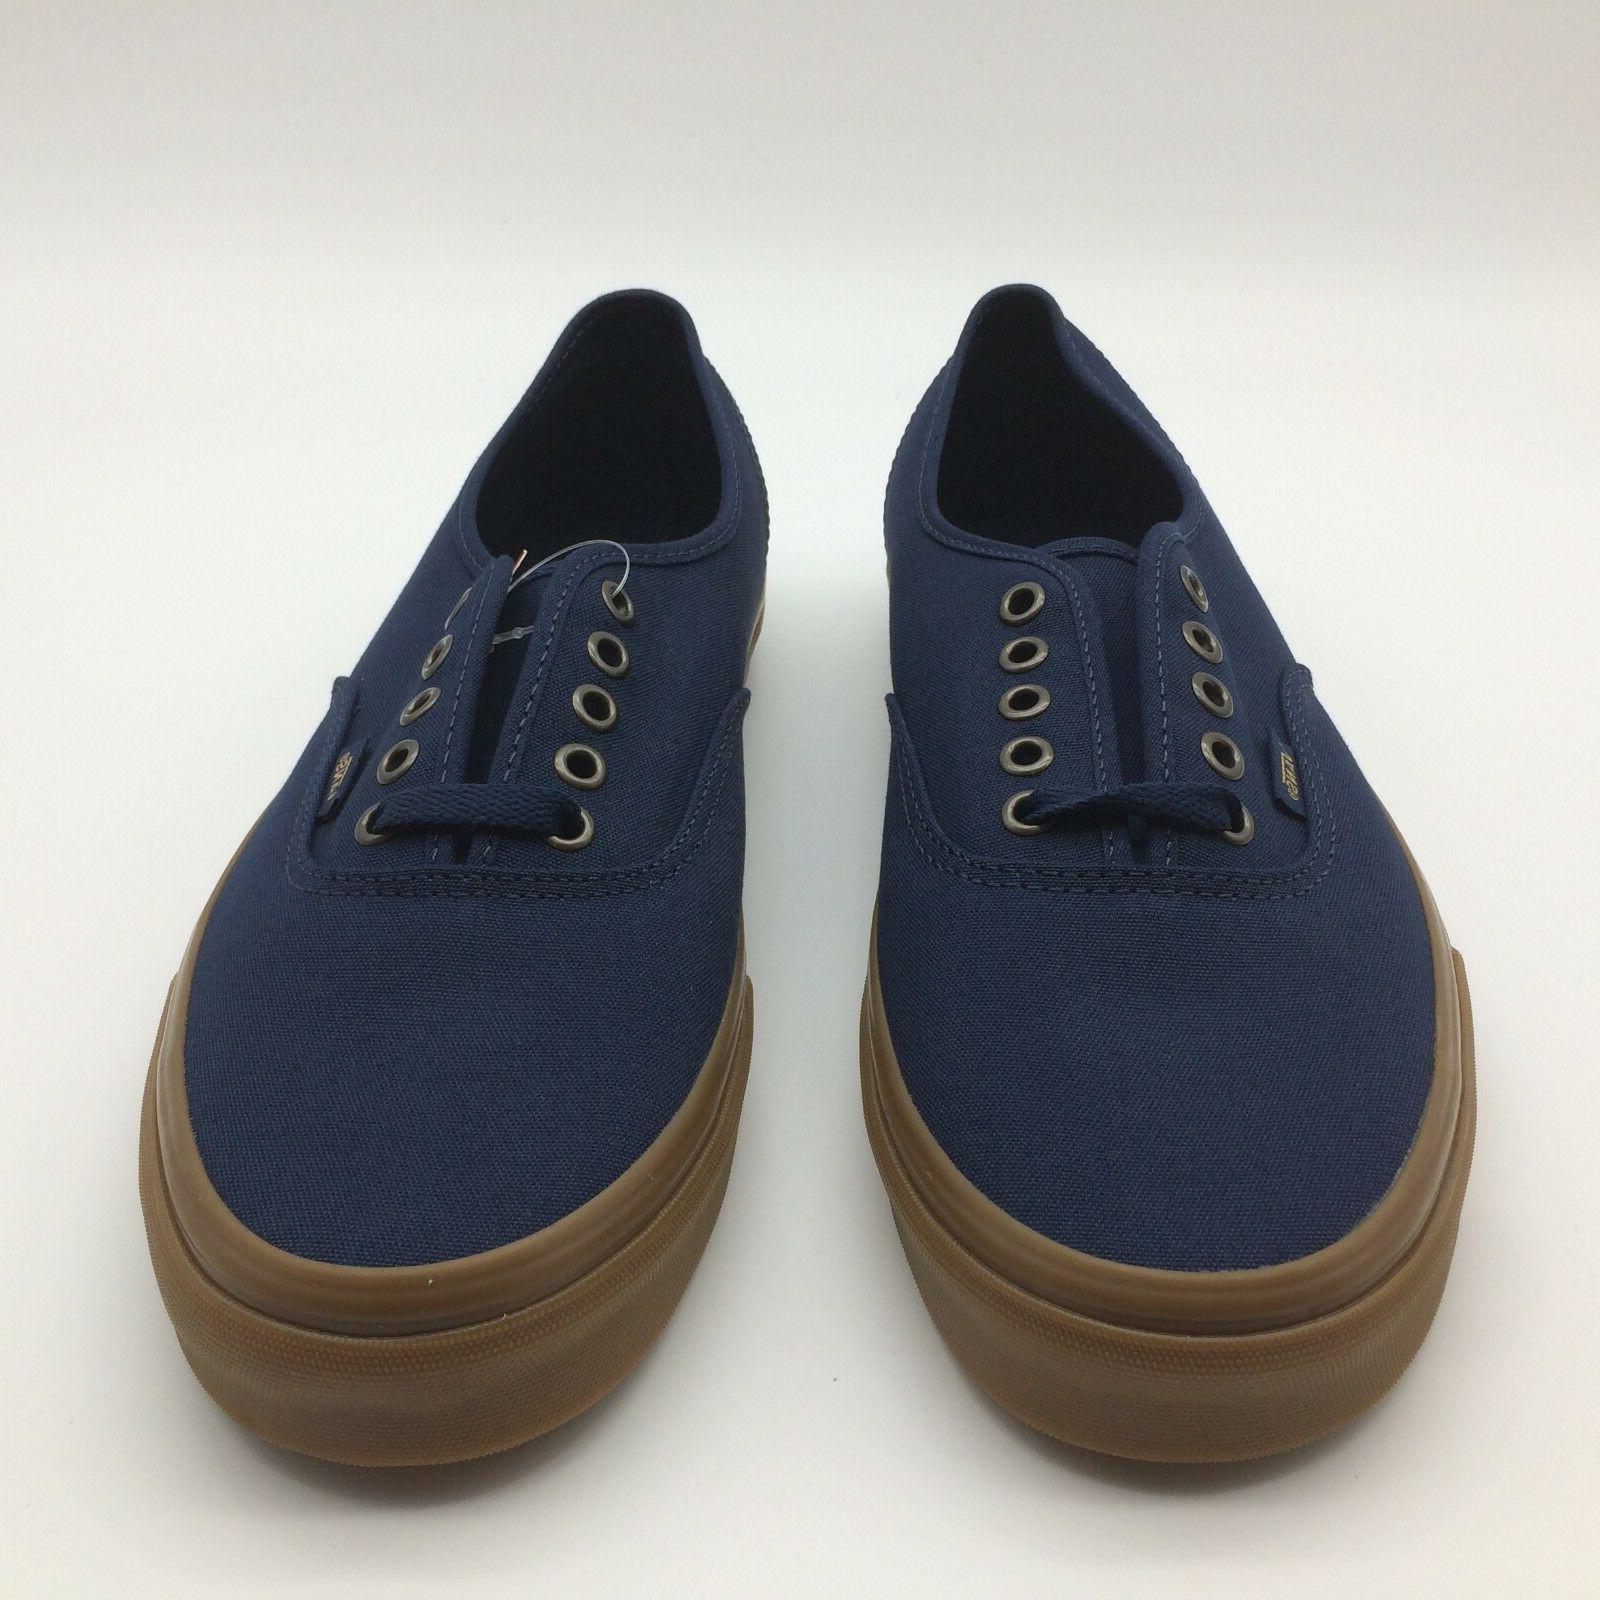 Vans Blues